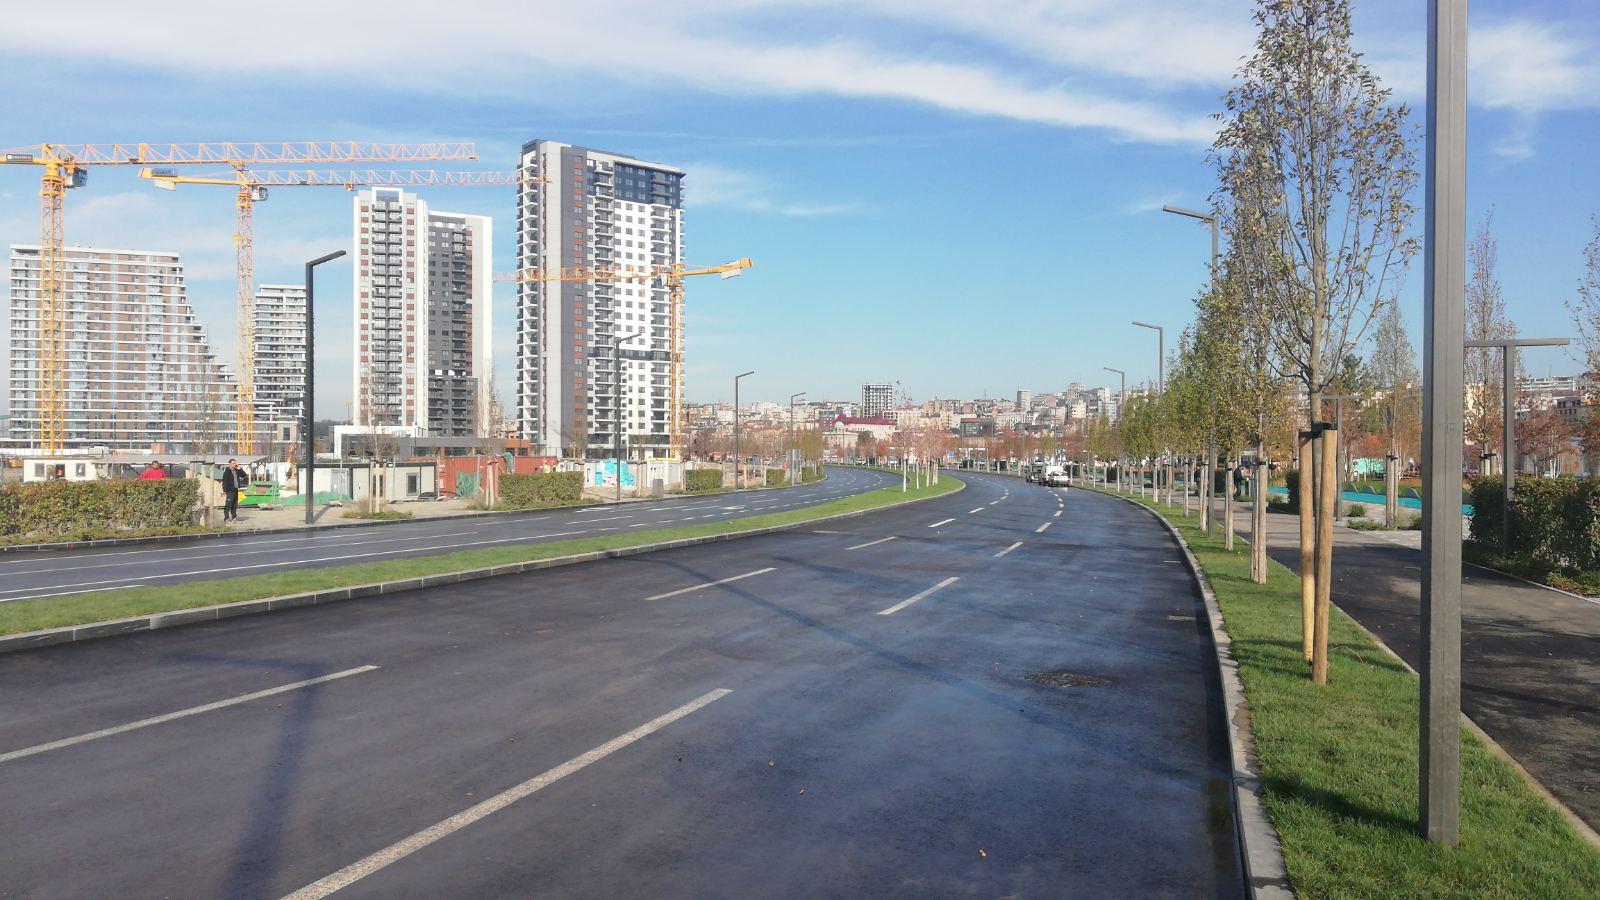 Evo Kako Izgledaju Novi Bulevar I Park U Okviru Beograda Na Vodi